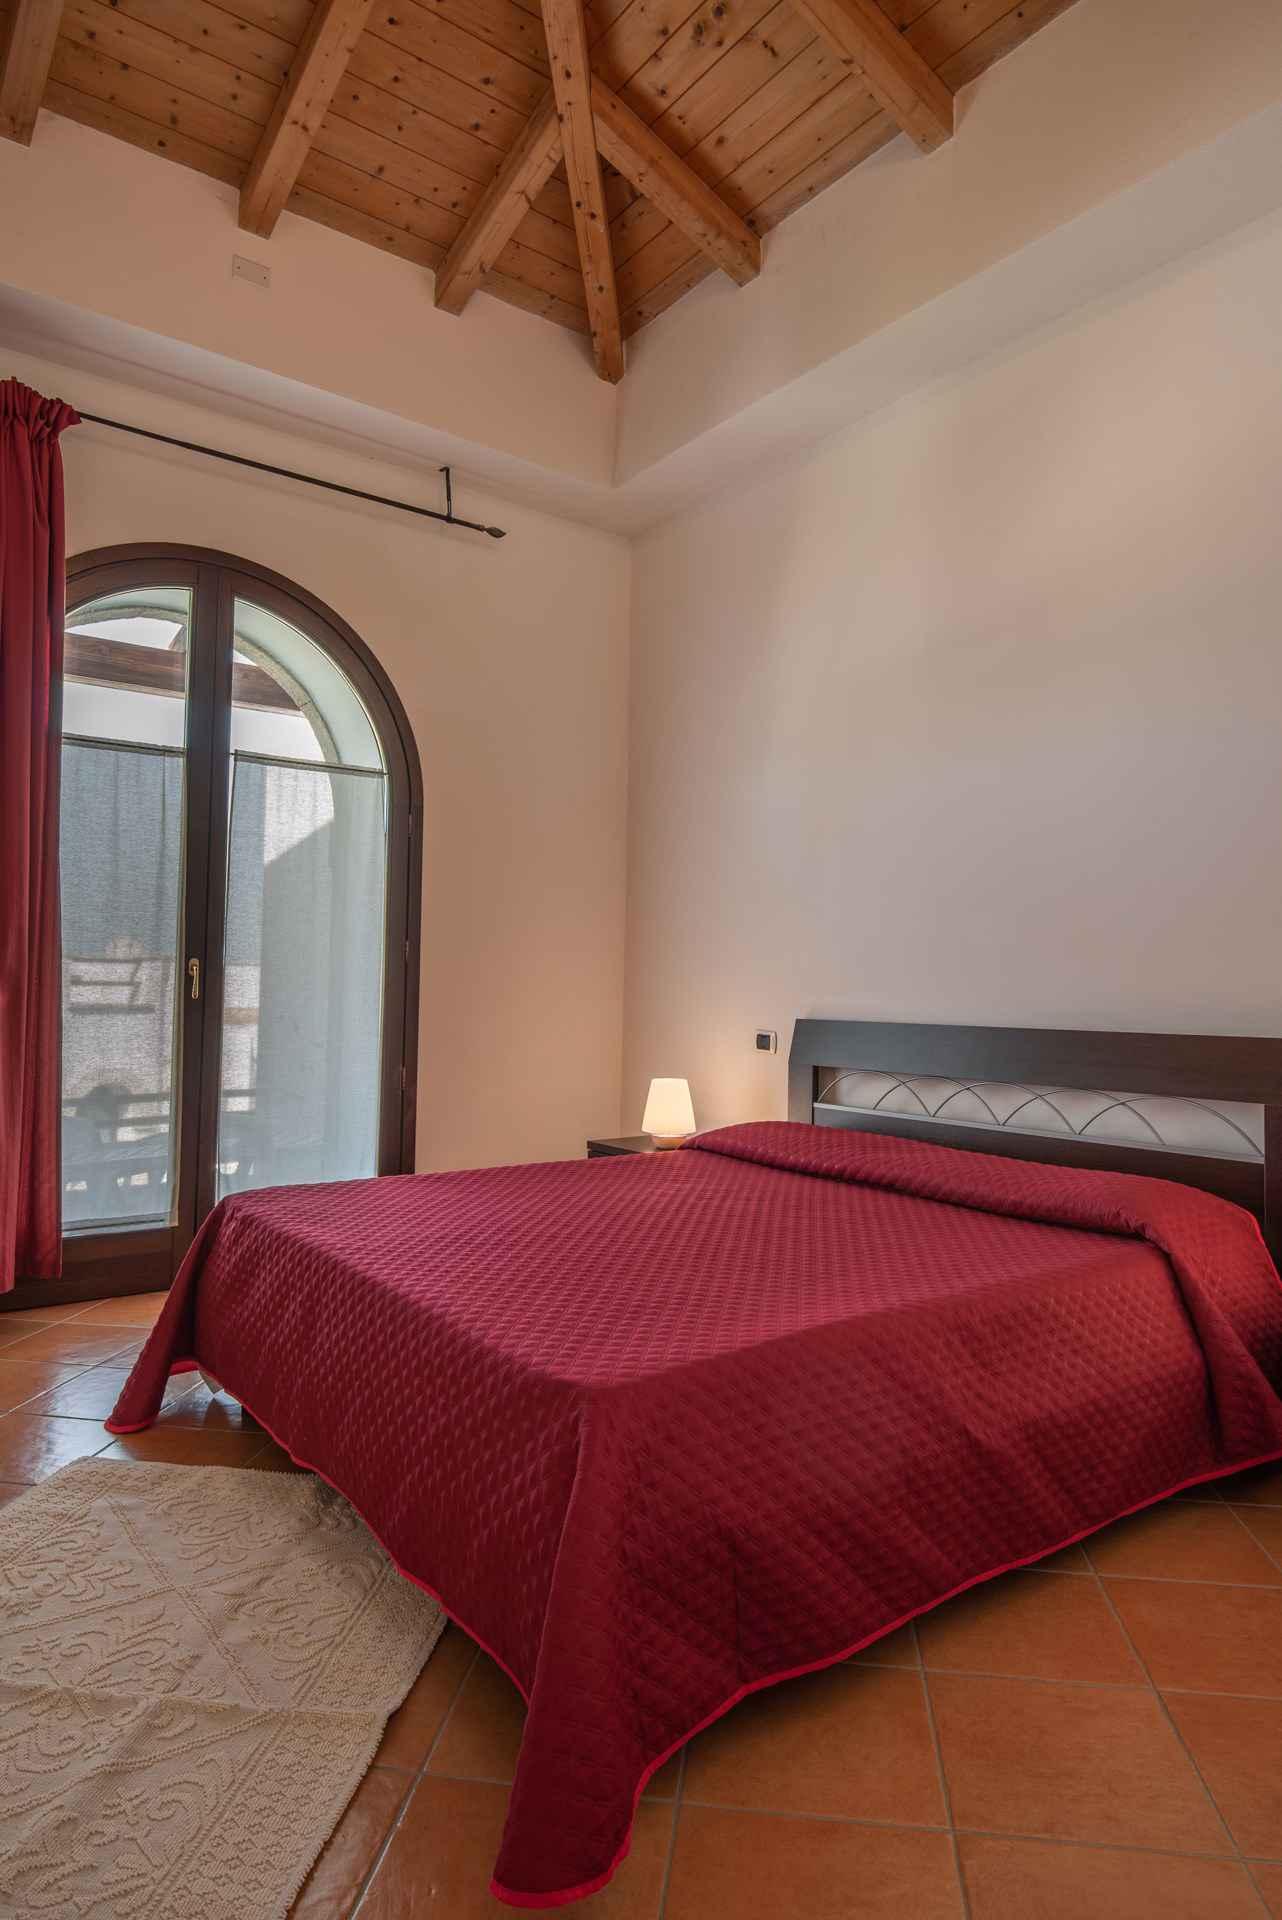 Ferienhaus mit KLimaanlage (2182426), Alghero, Sassari, Sardinien, Italien, Bild 20